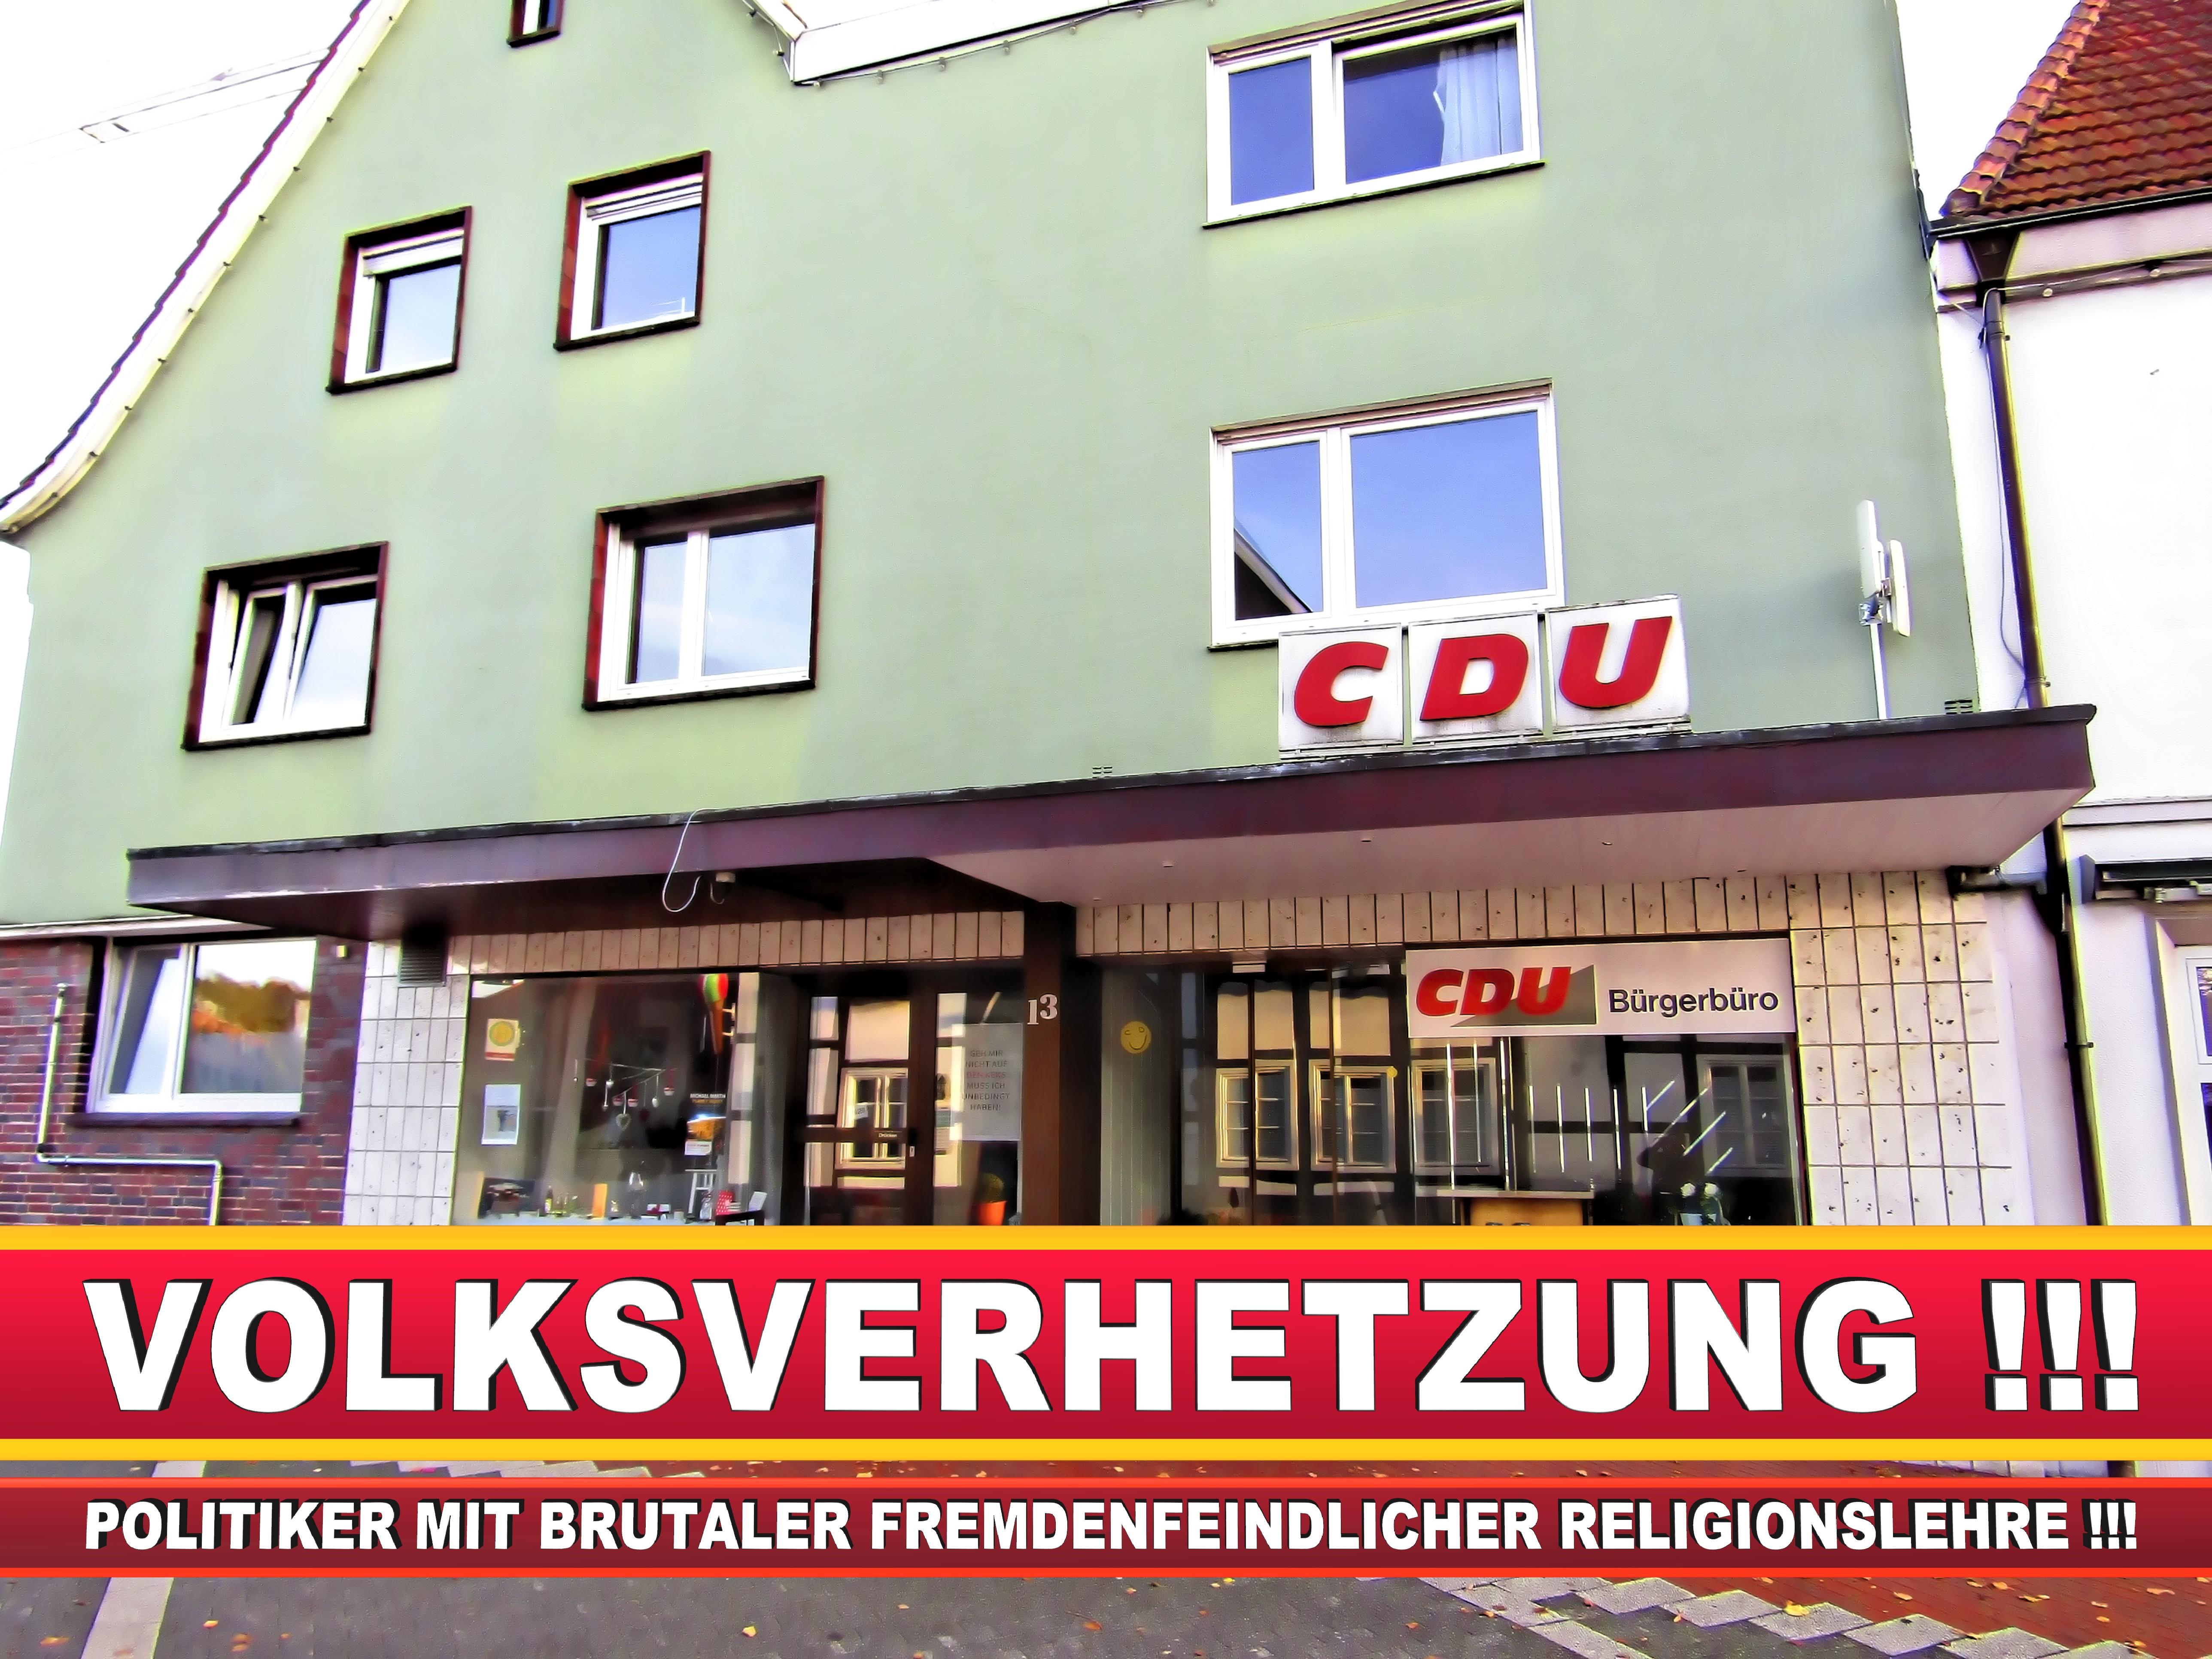 CDU GEMEINDEVERBAND STEINHAGEN AM MARKT 13 33803 STEINHAGEN NRW ORTSVERBAND CDU STEINHAGEN (3)